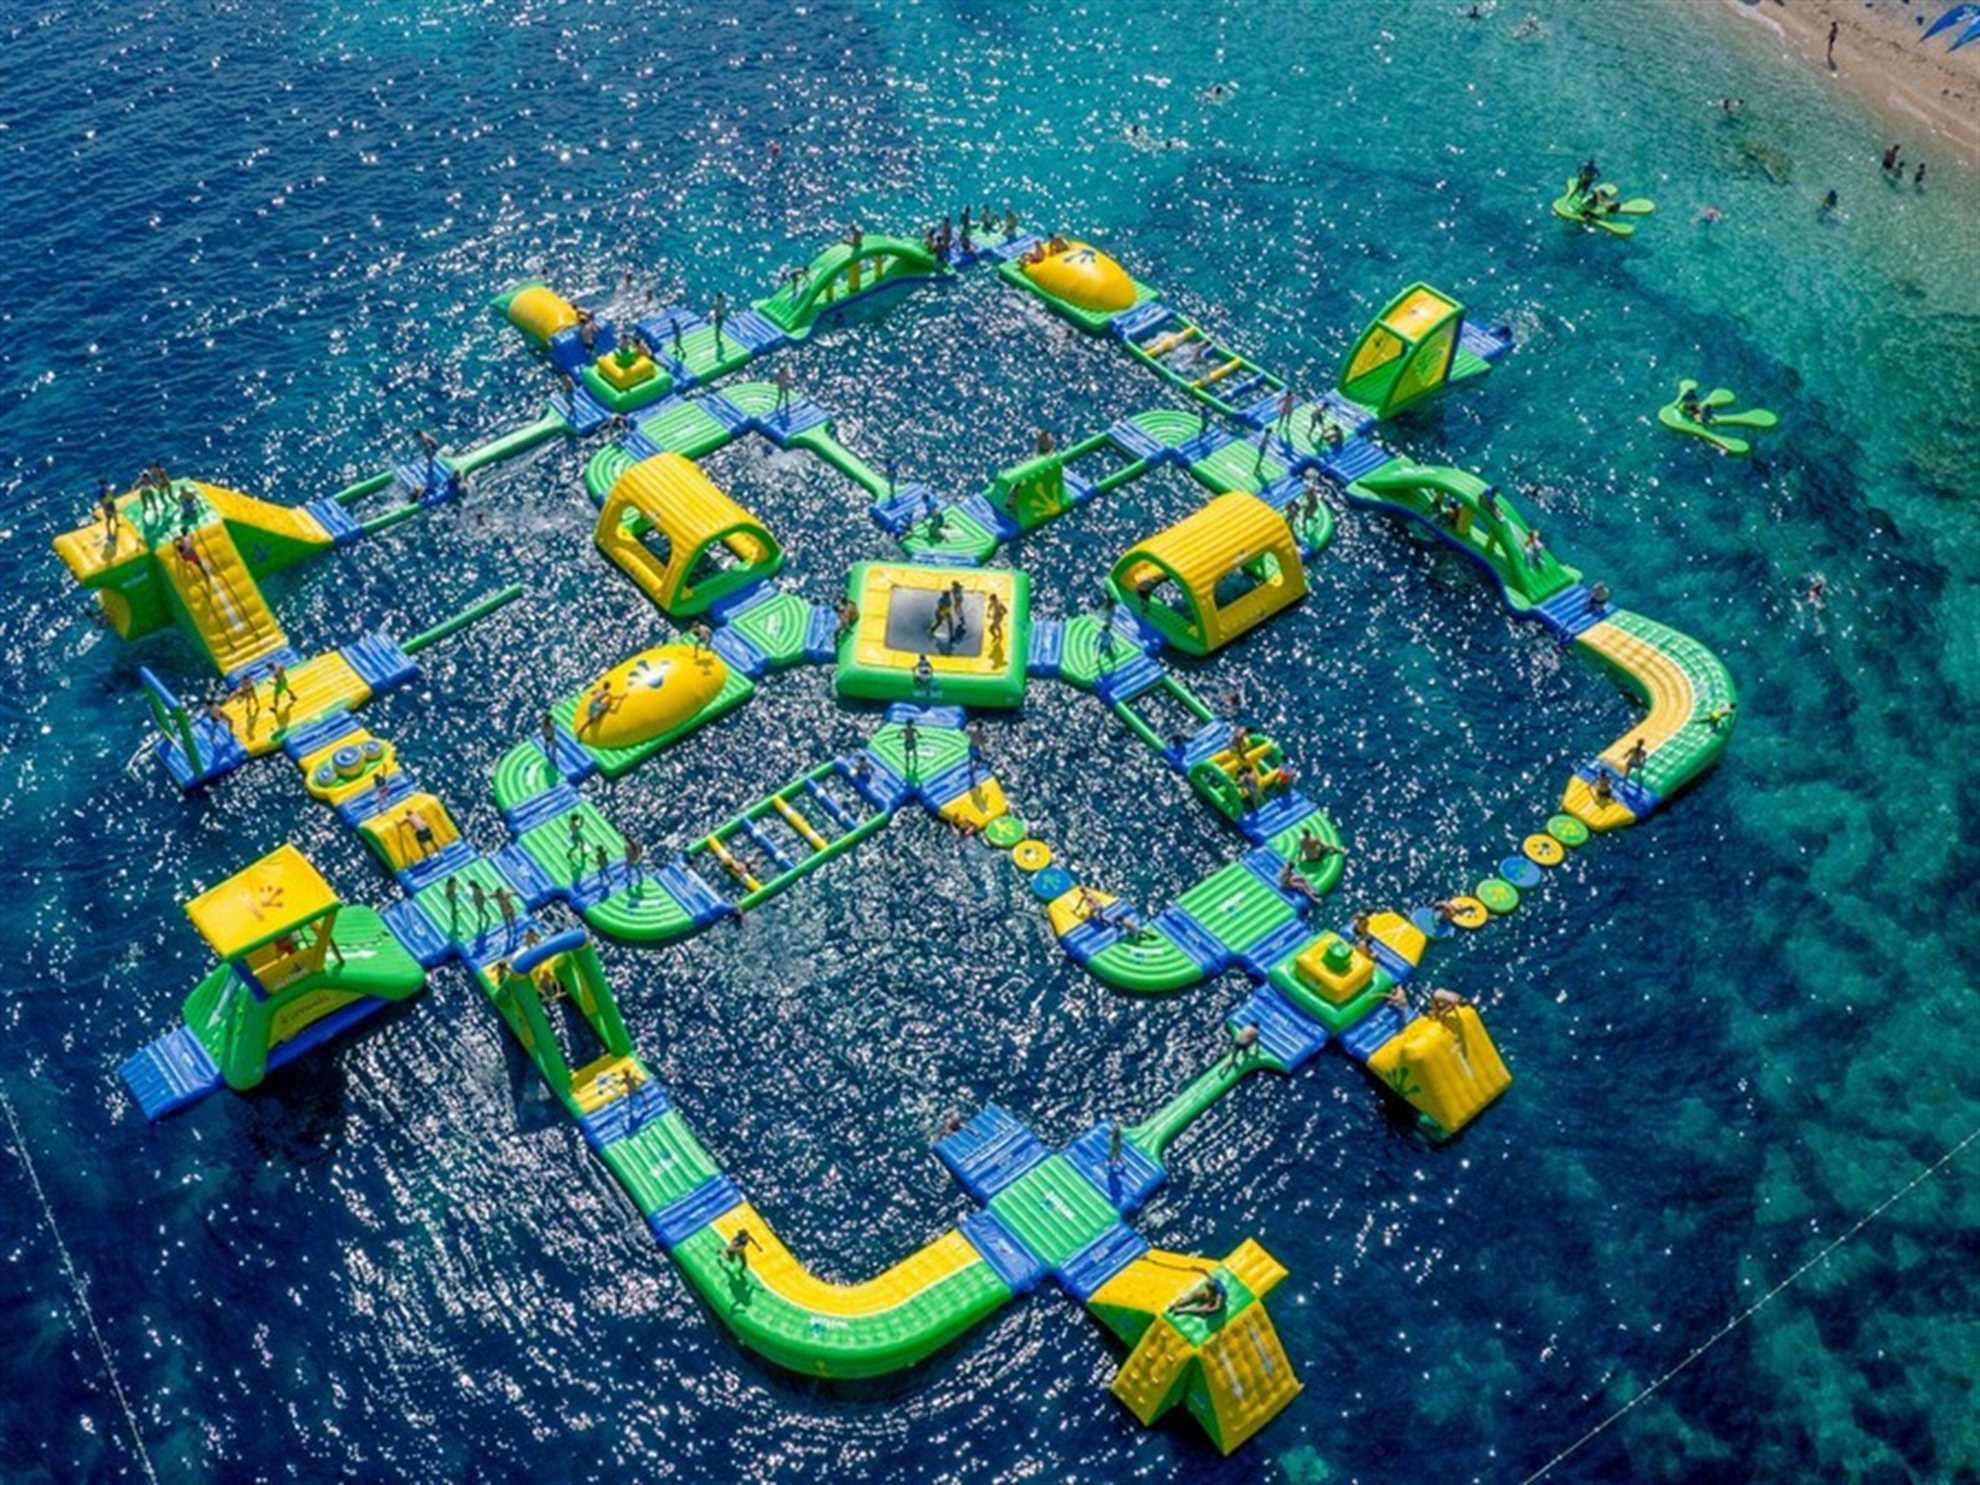 Water activities for children